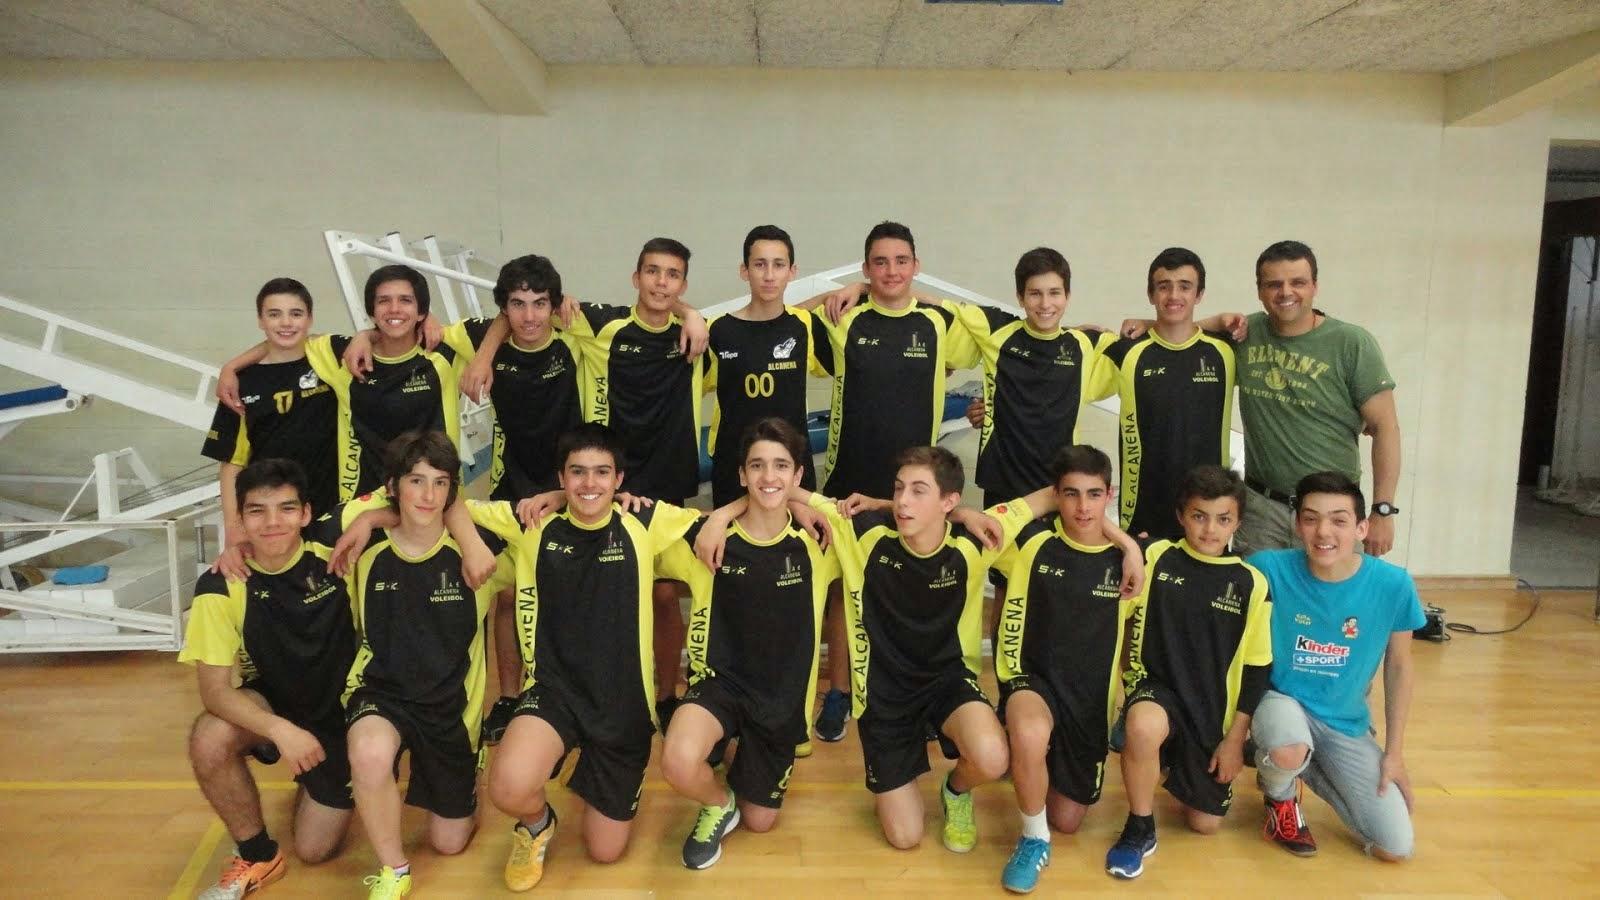 Equipa de iniciados 2014/15